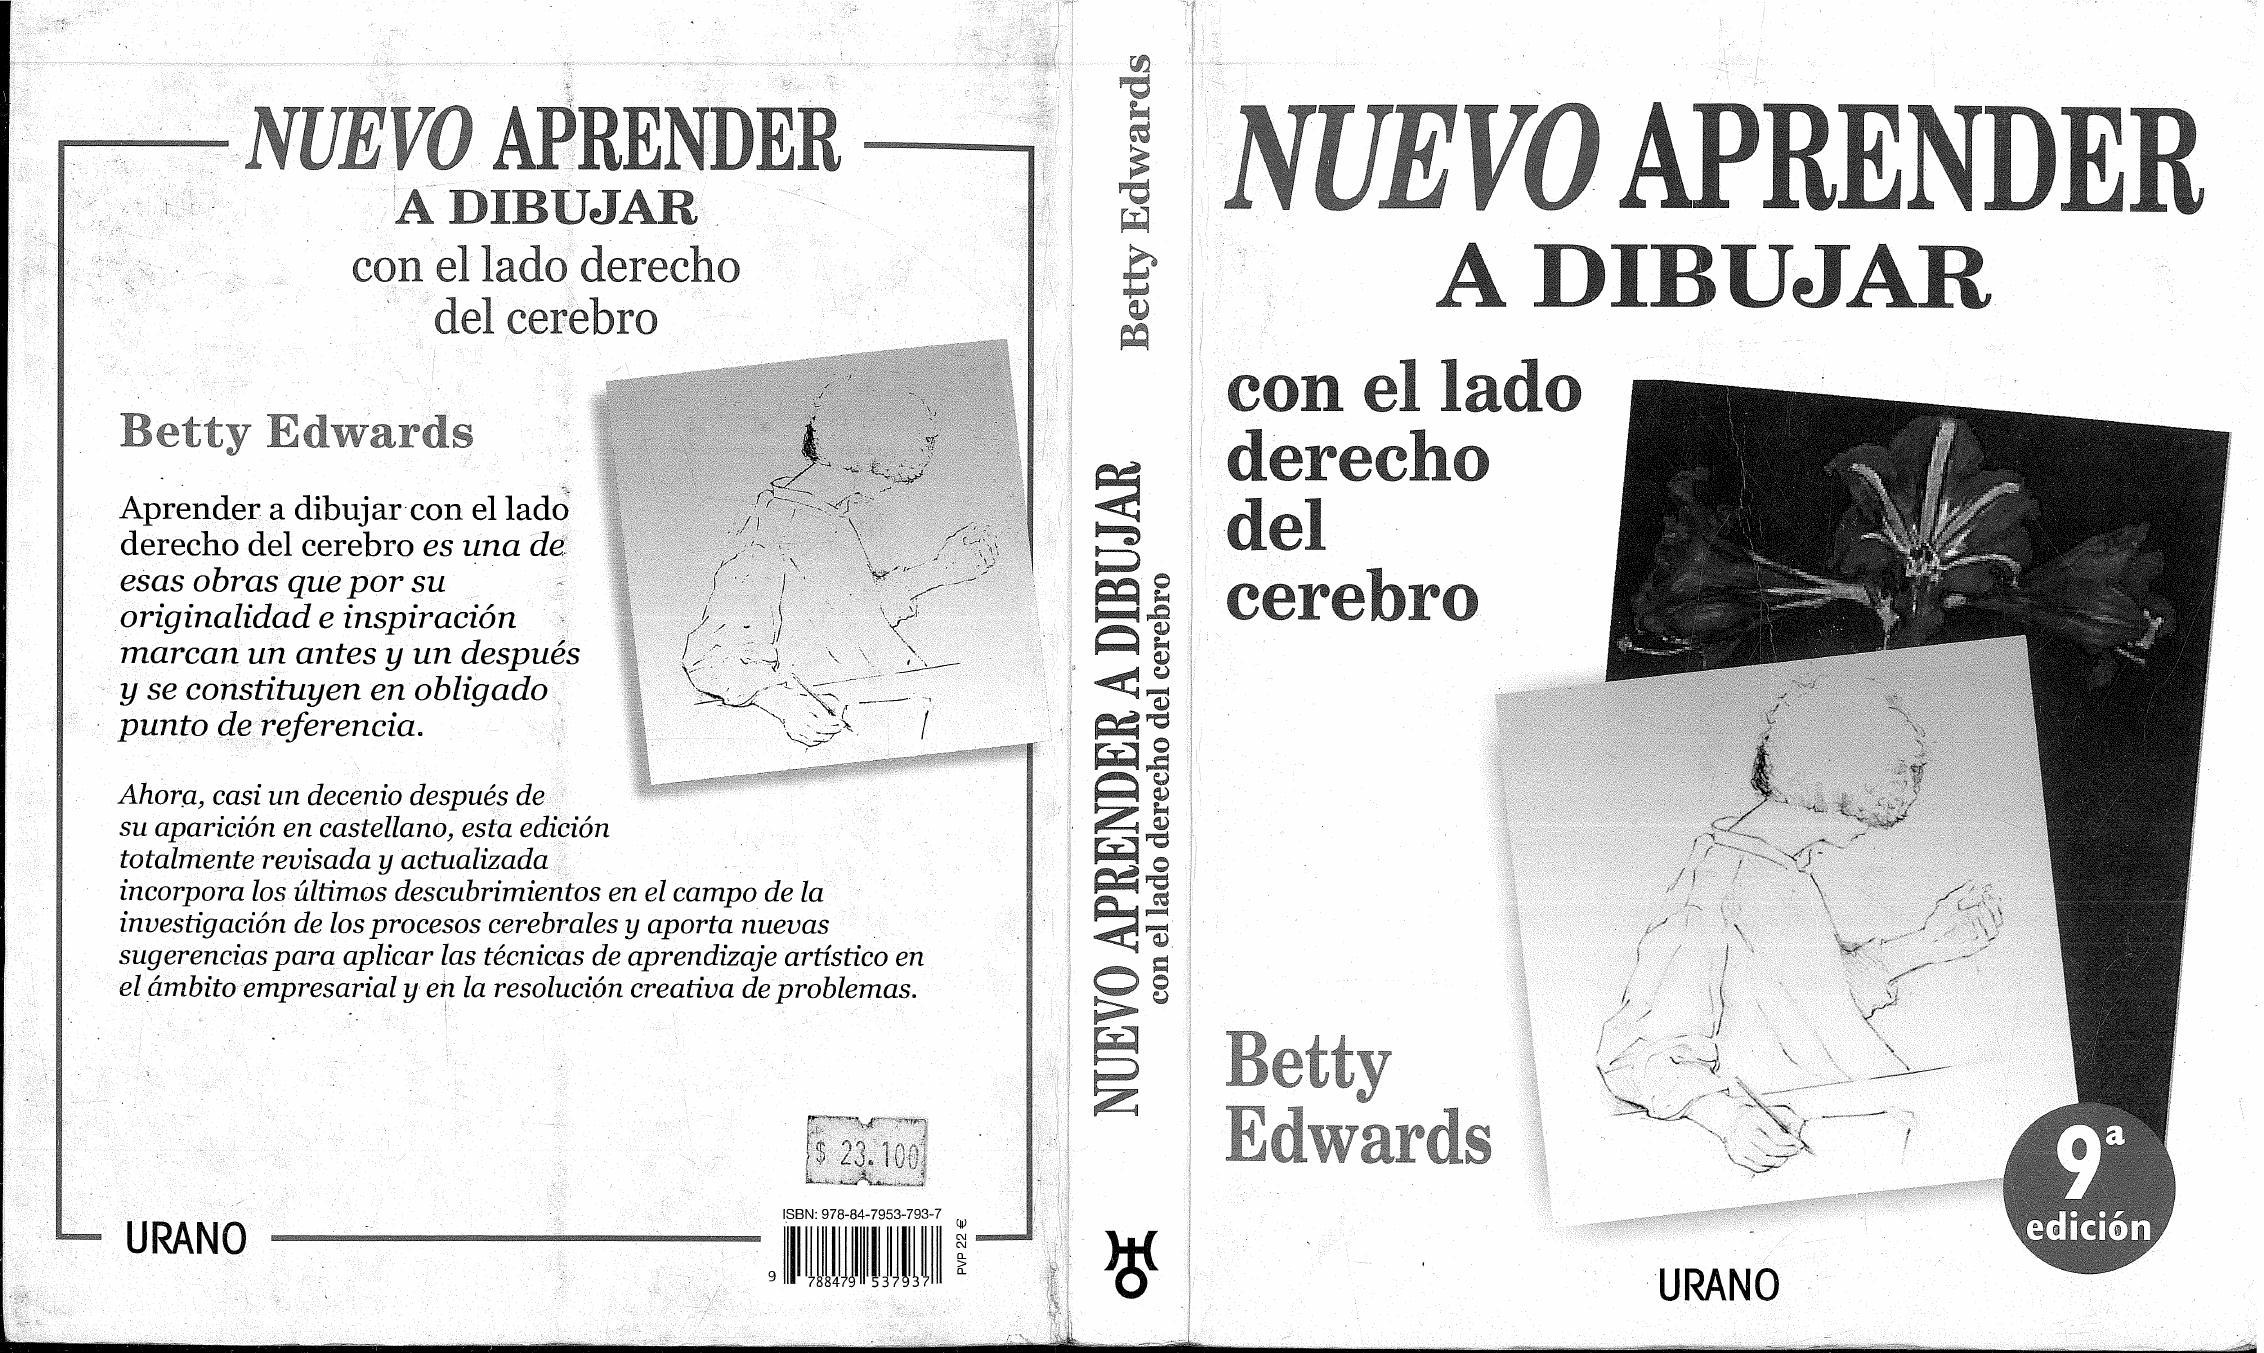 Aprender A Dibujar Con El Lado Derecho Del Cerebro Betty Edwards Pdf Document Lado Derecho Del Cerebro Aprender A Dibujar Aprender A